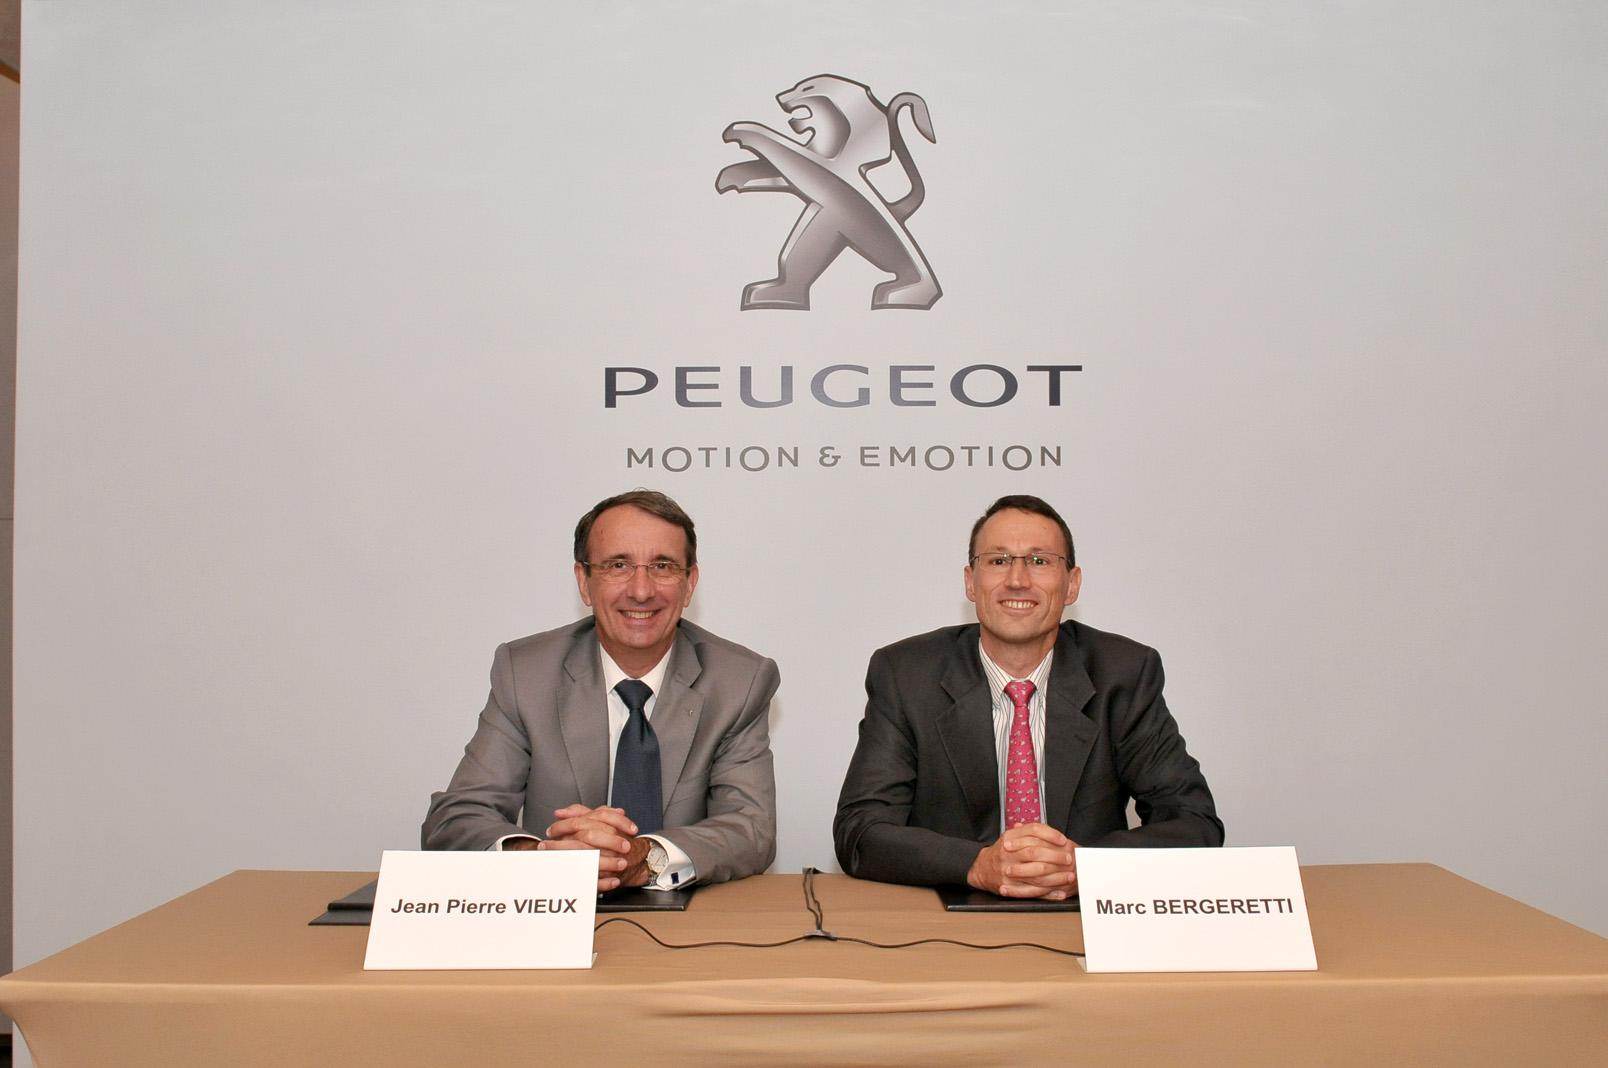 Peugeot'da yönetim değişiyor